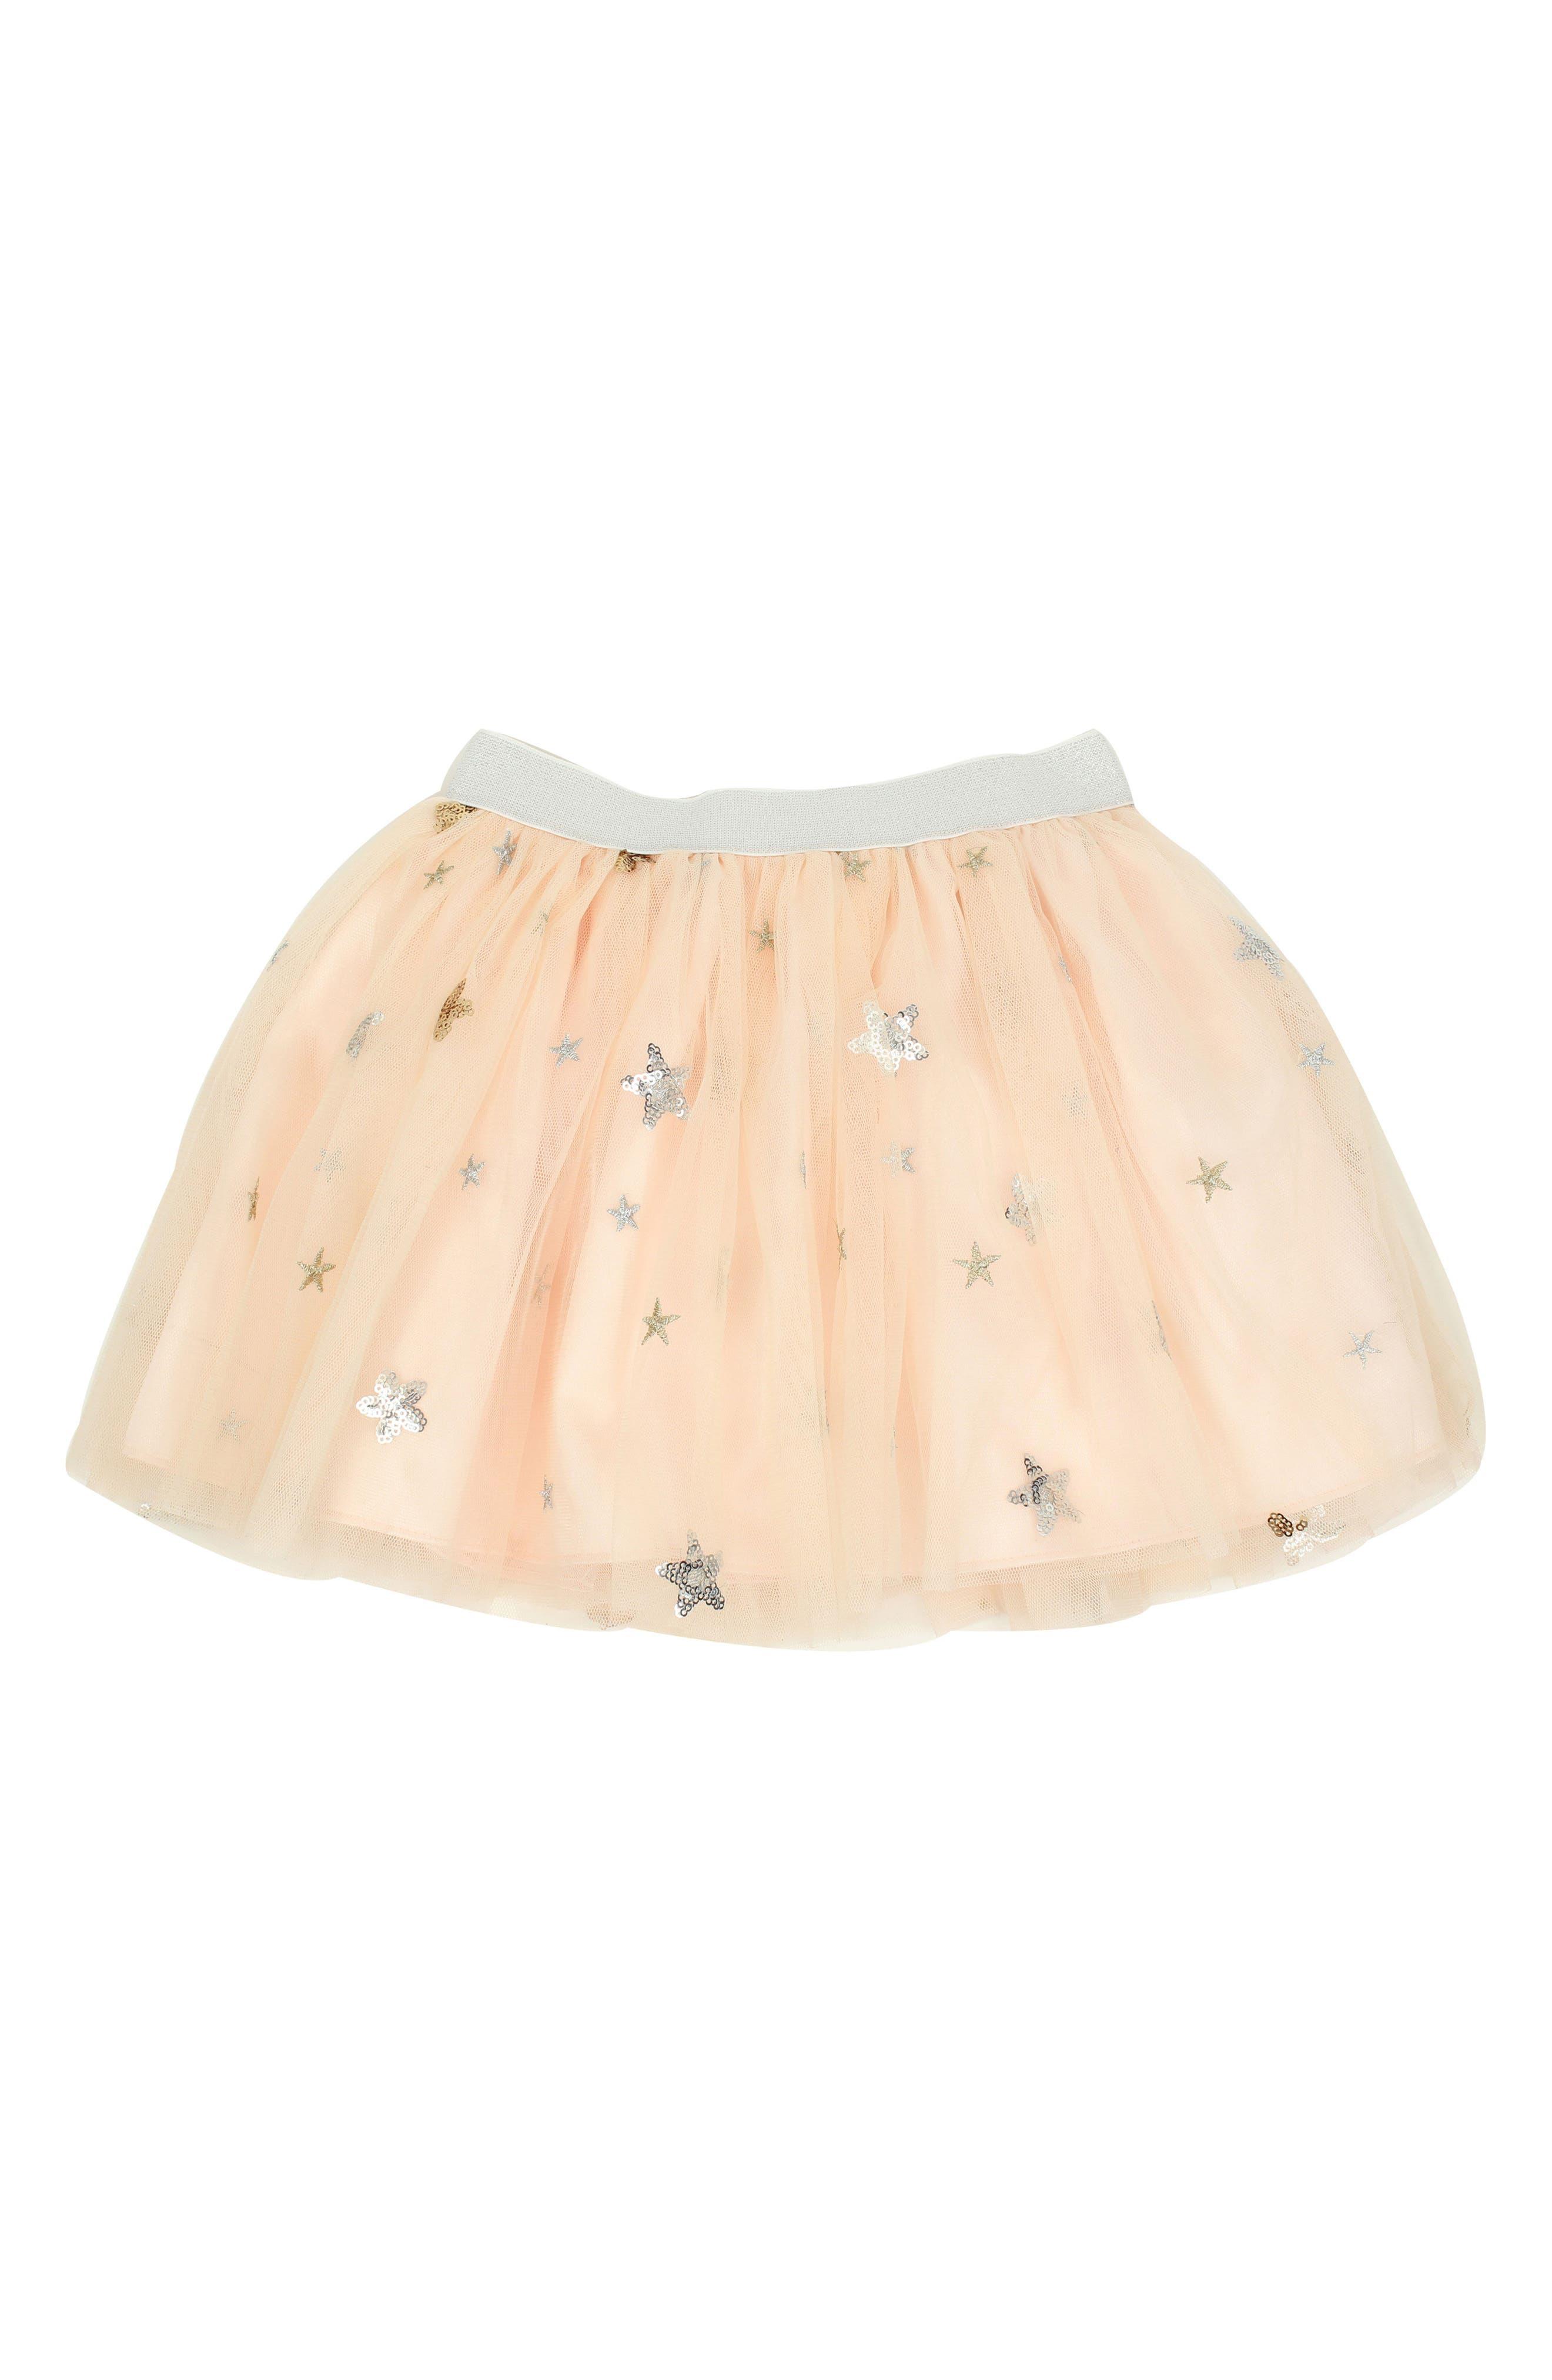 POPATU, Metallic Stars Tulle Skirt, Main thumbnail 1, color, PEACH